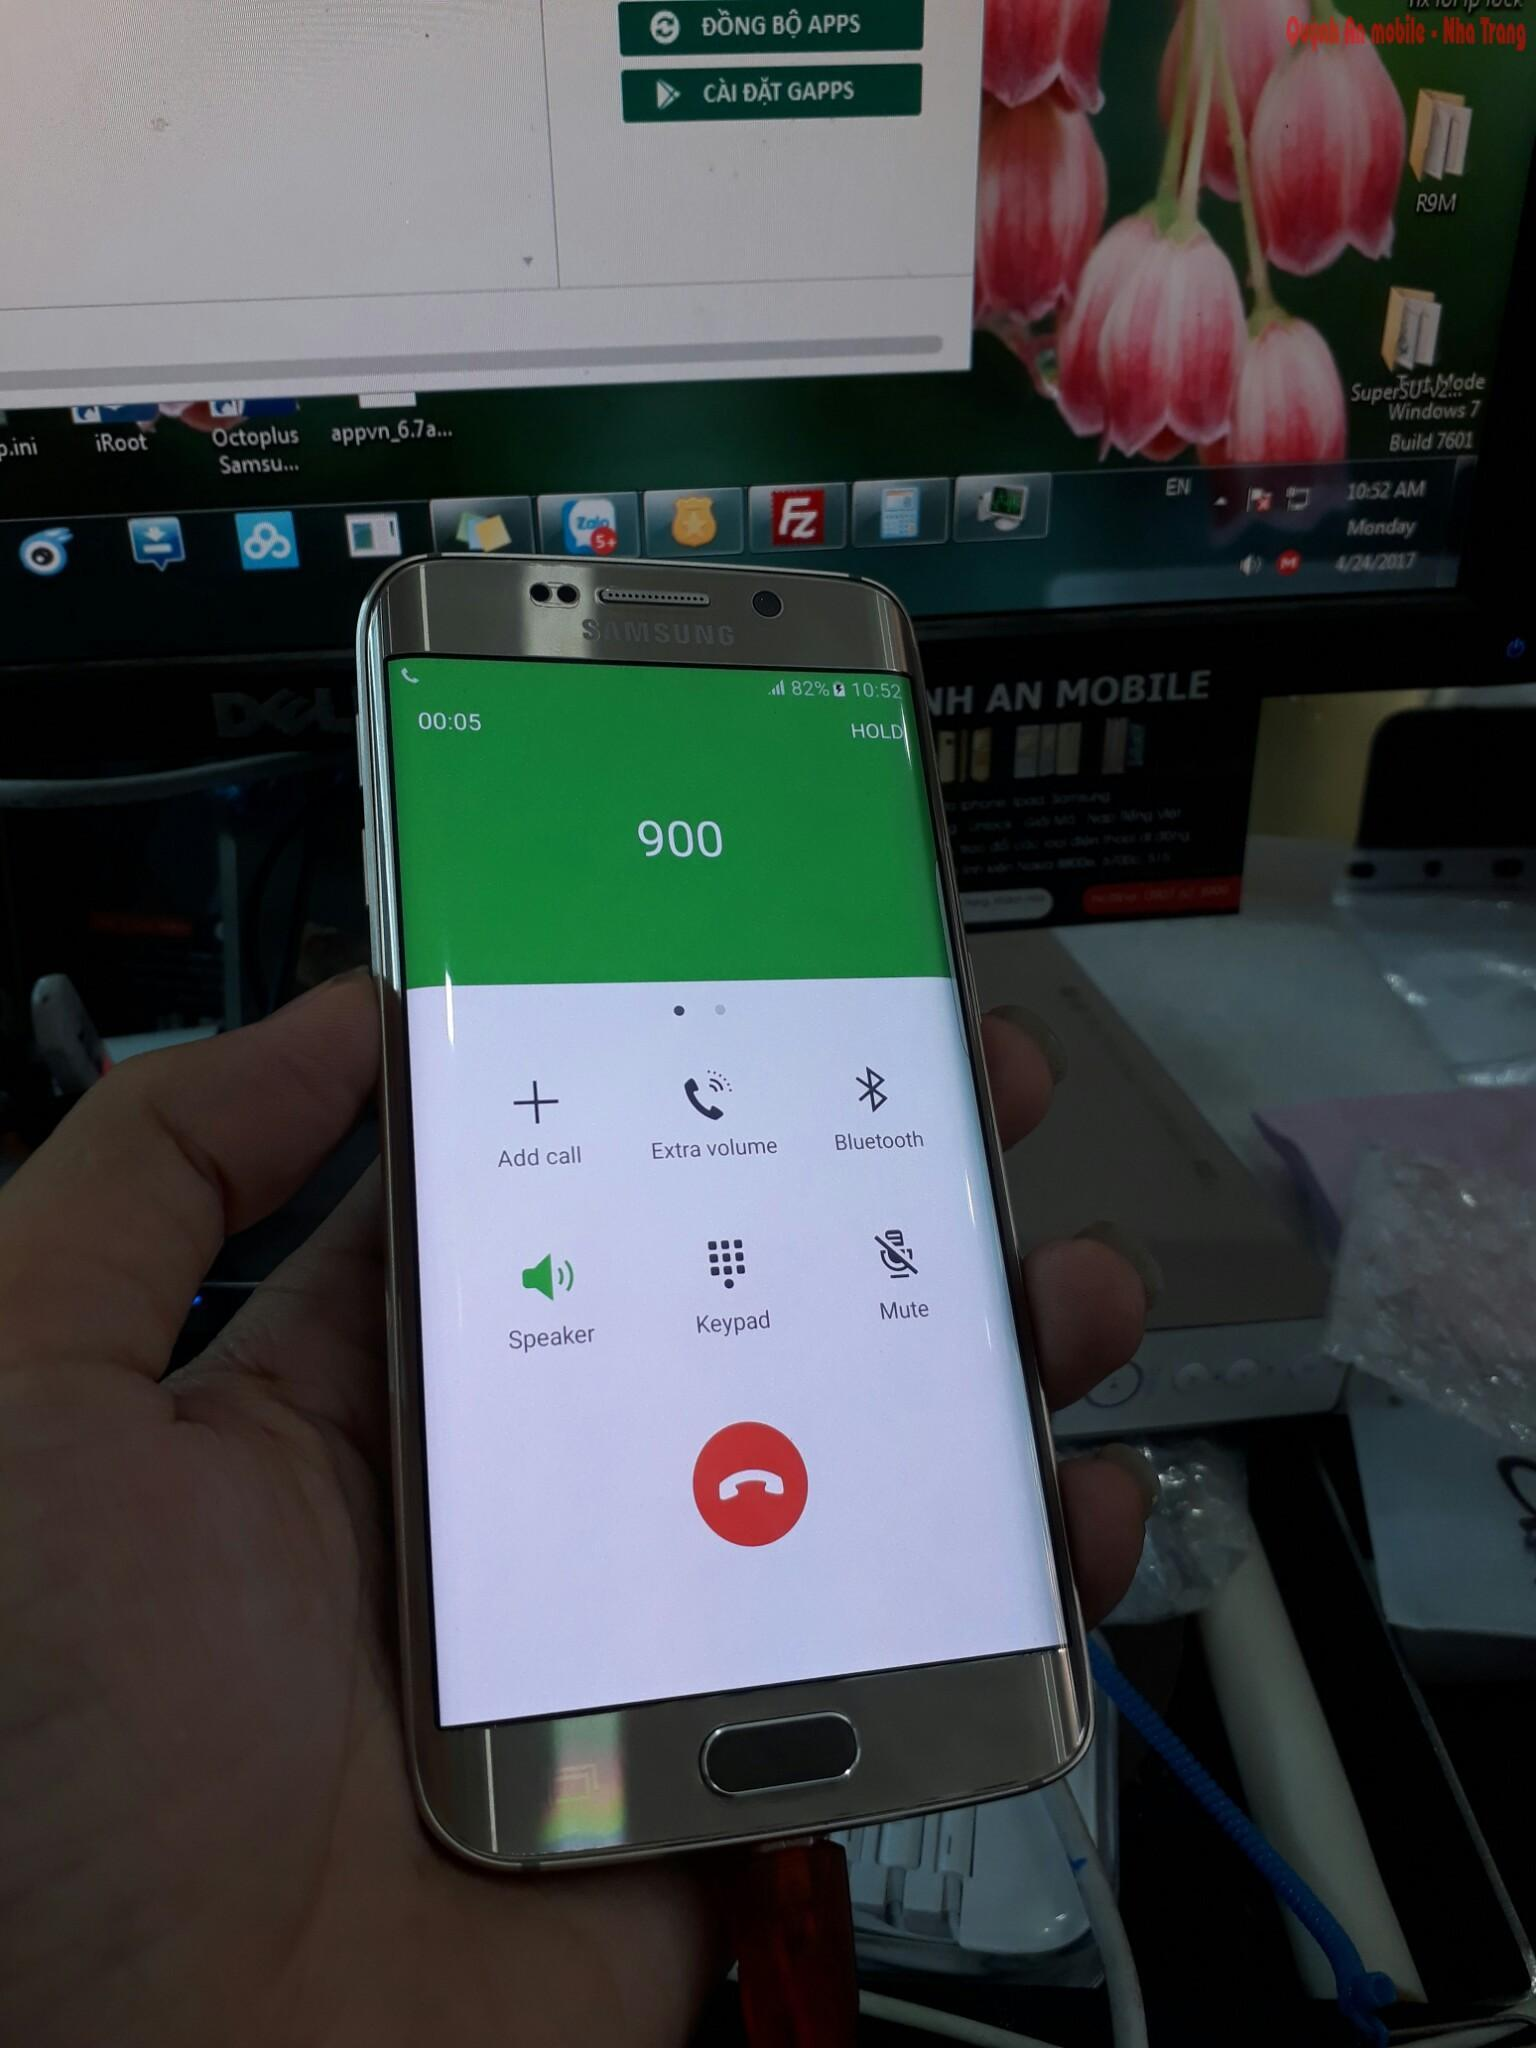 Unlock và nạp tiếng Việt cho Samsung galaxy S6 edge tại Nha Trang mã máy SM-G925F